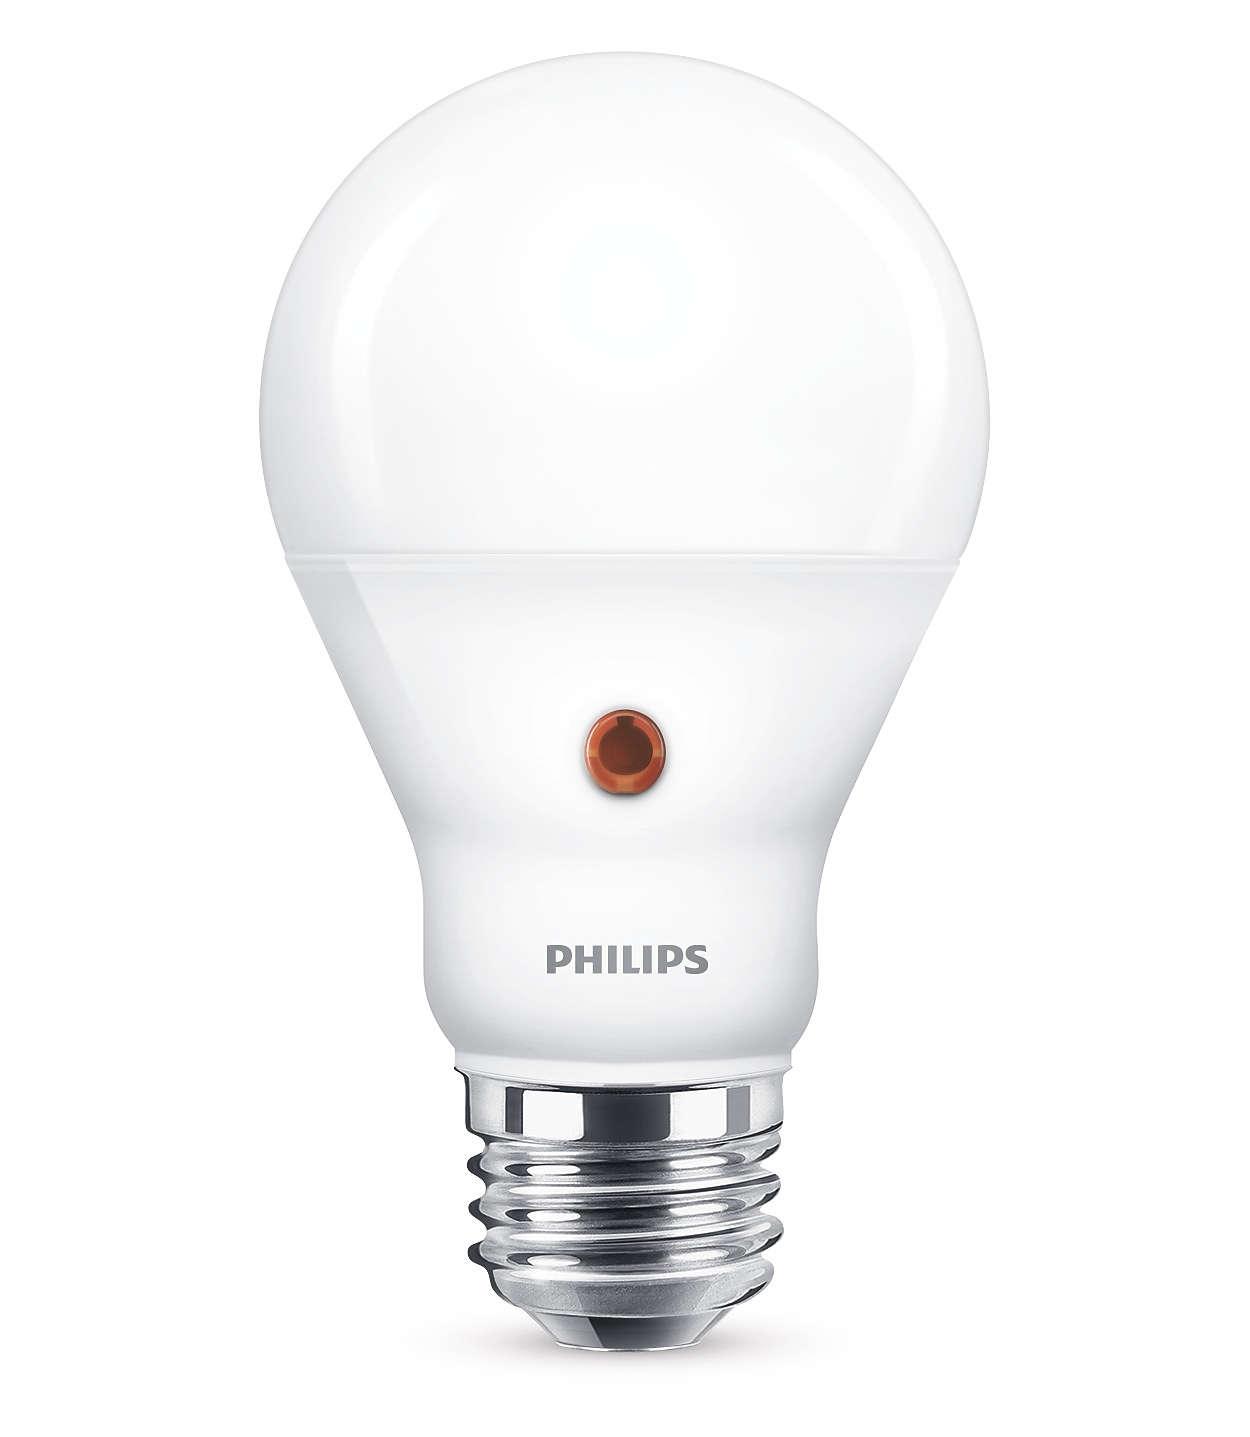 led standardlampa 8718696739402 philips. Black Bedroom Furniture Sets. Home Design Ideas